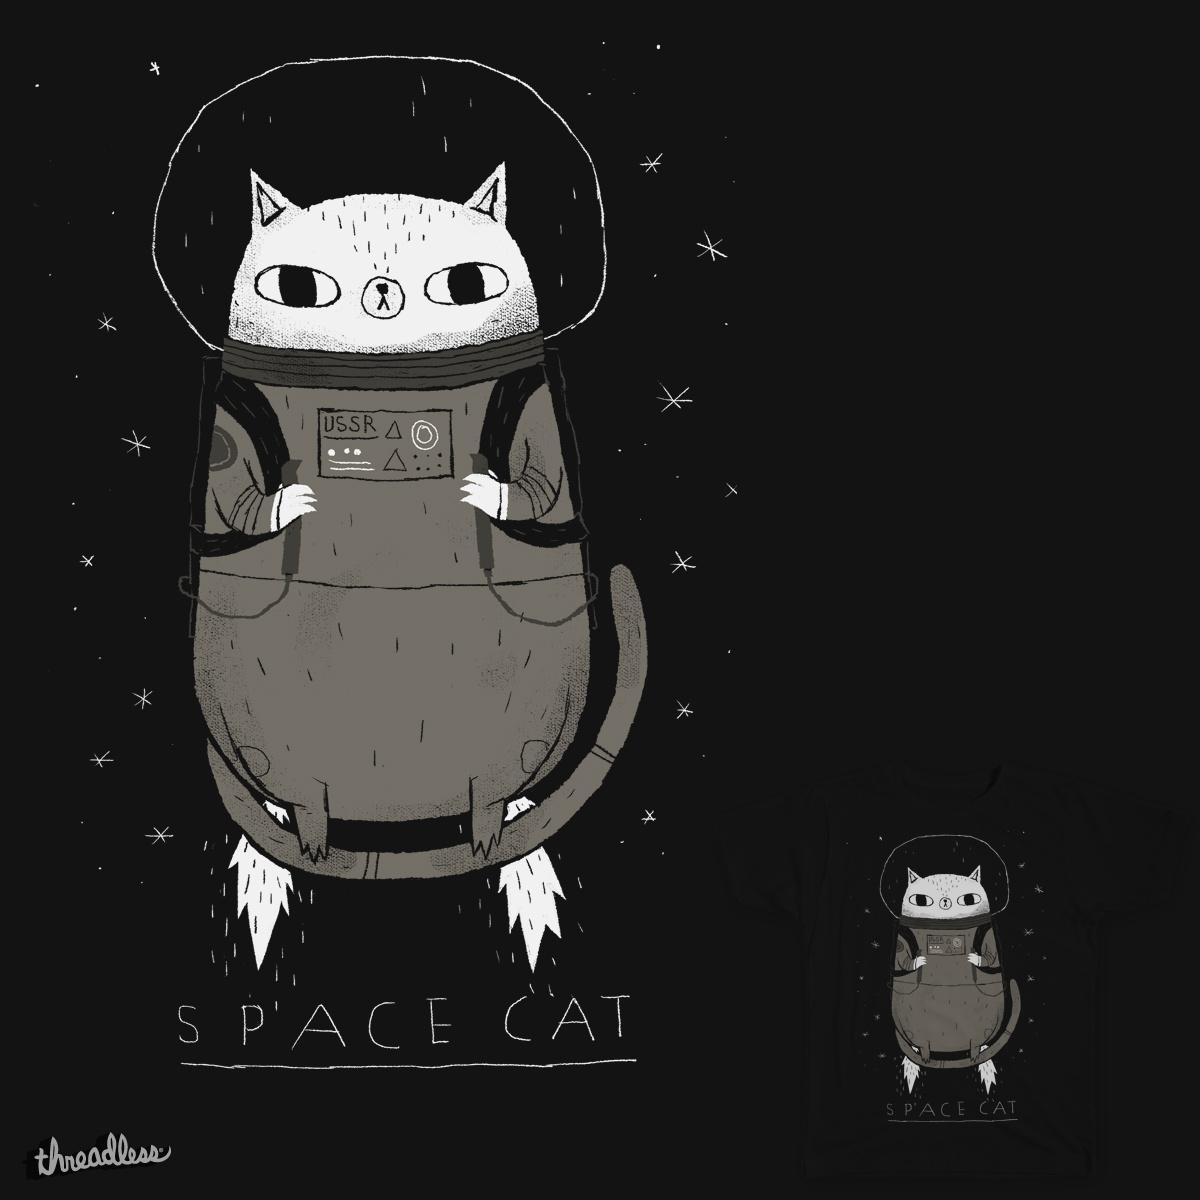 space cat by louisroskosch on Threadless